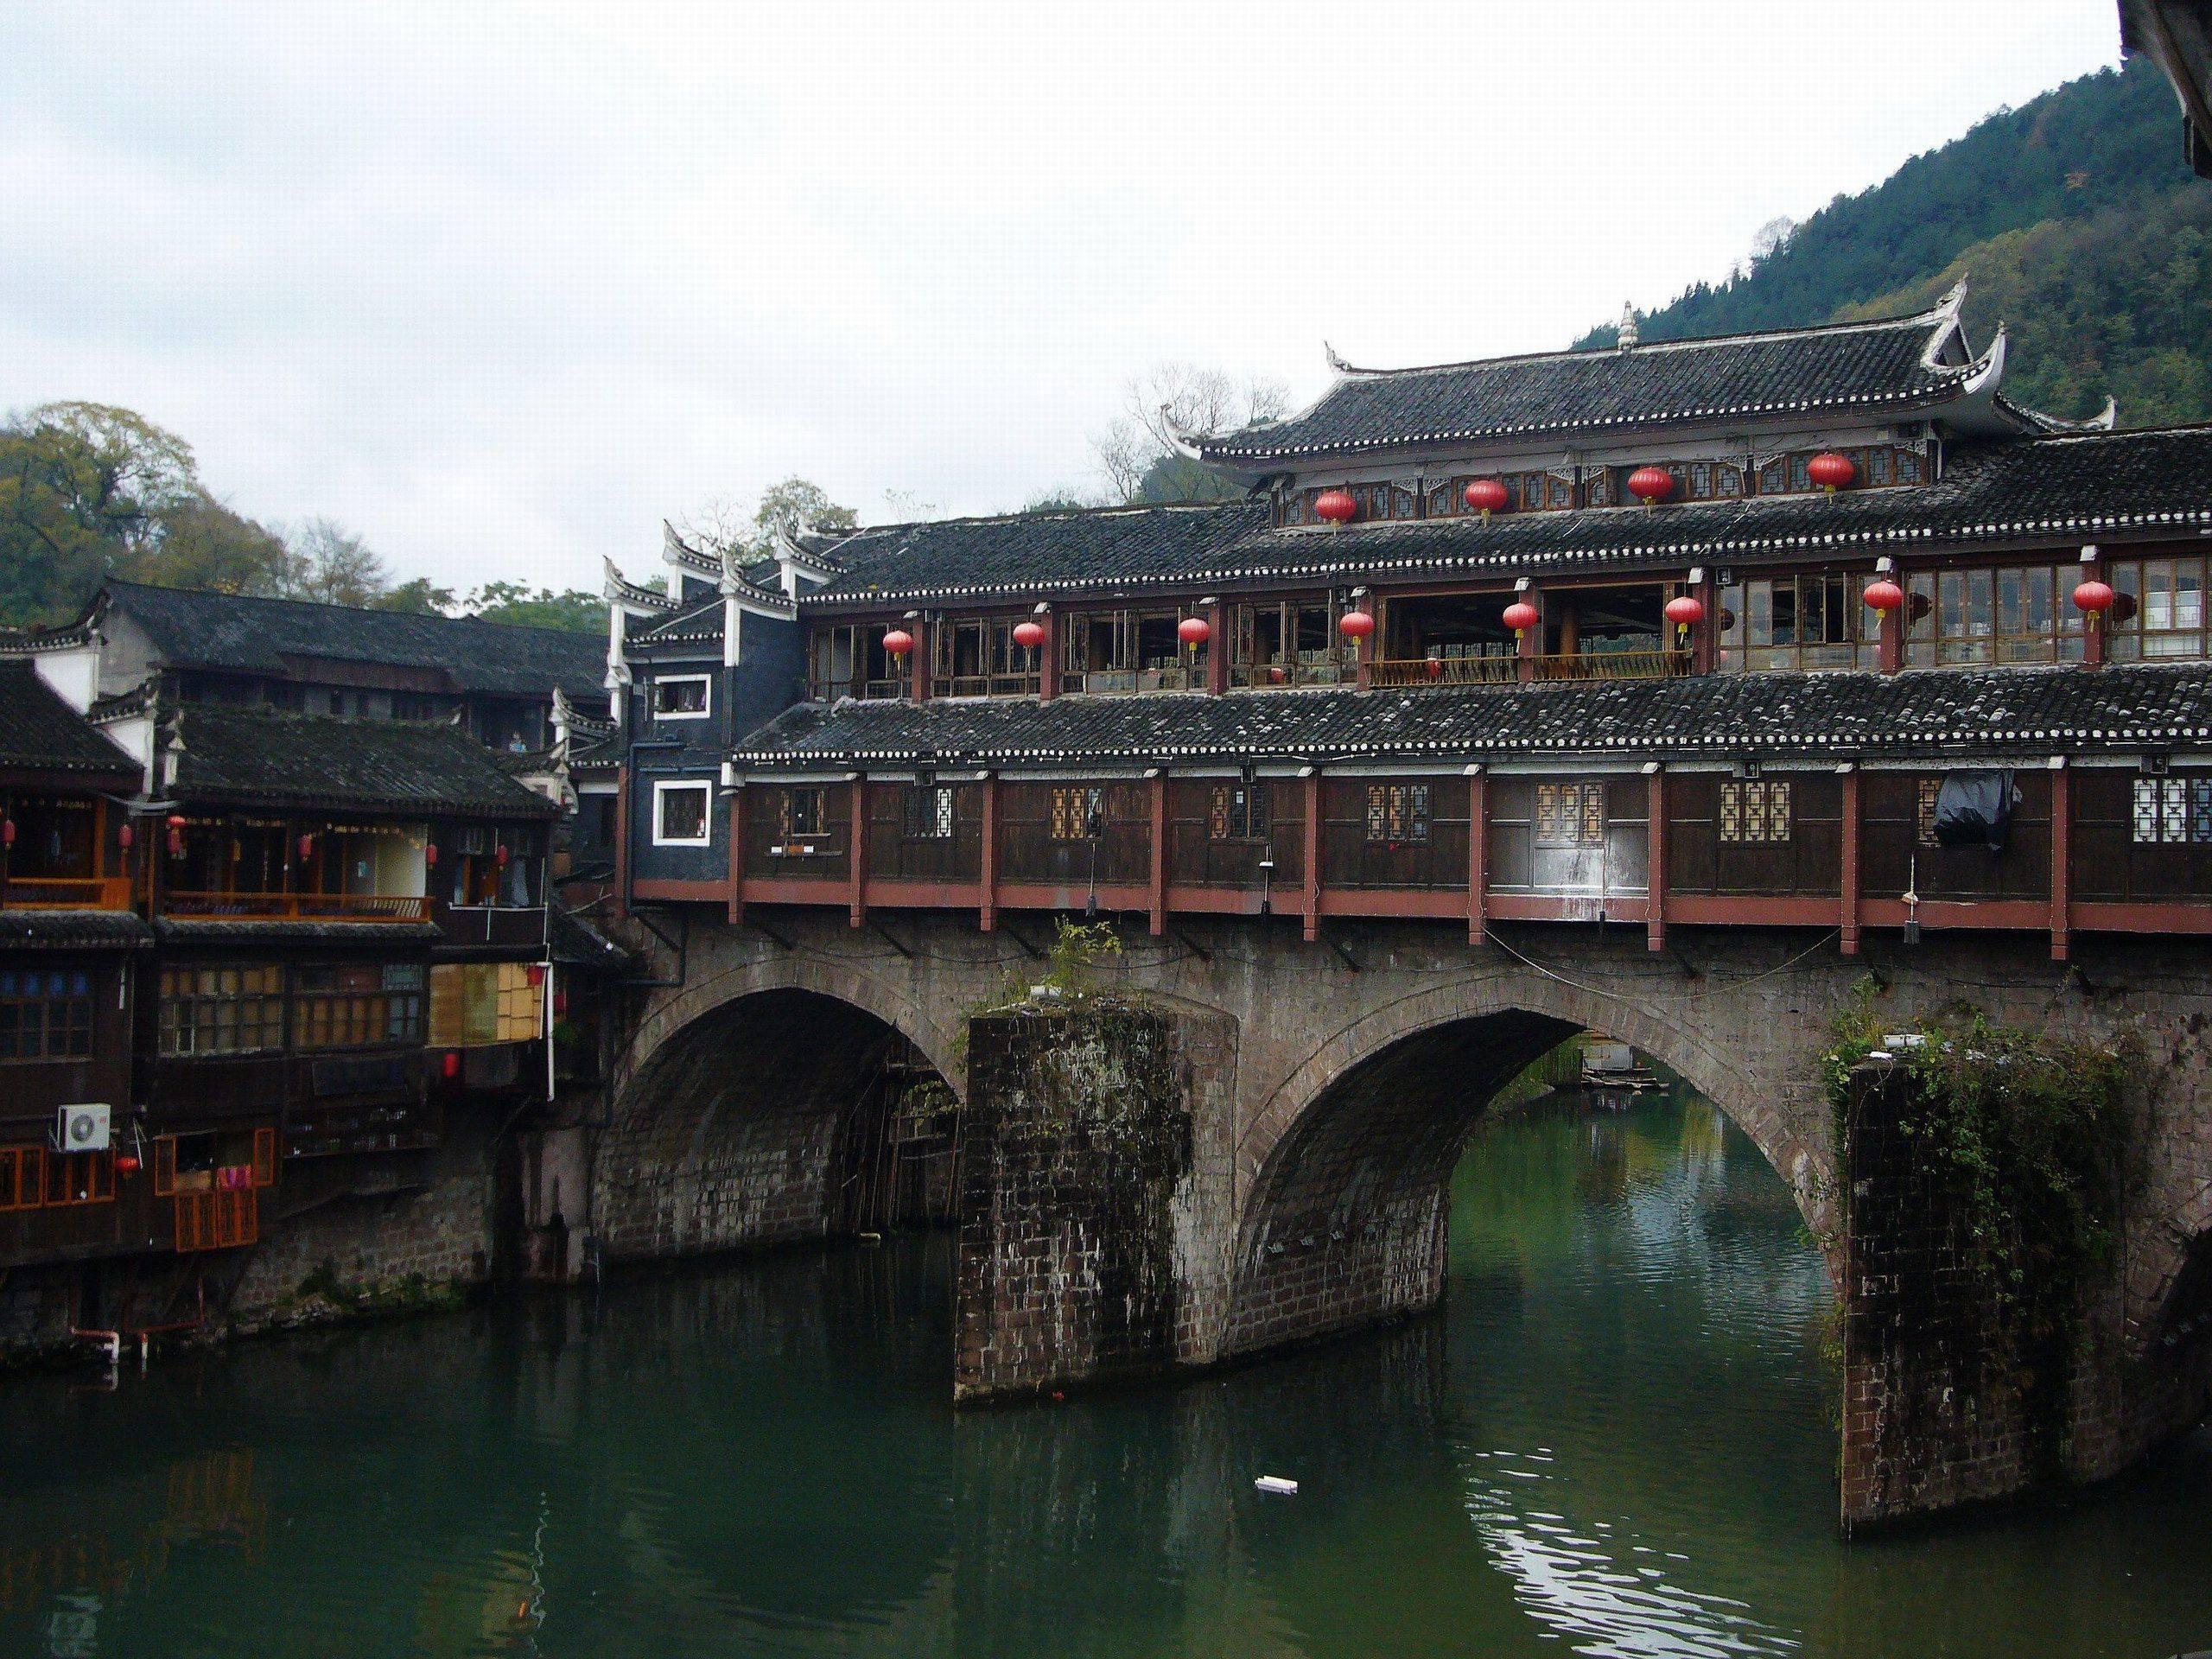 Когда откроют границы с китаем в 2021 году: для туристов, для товаров, для посылок, последние новости